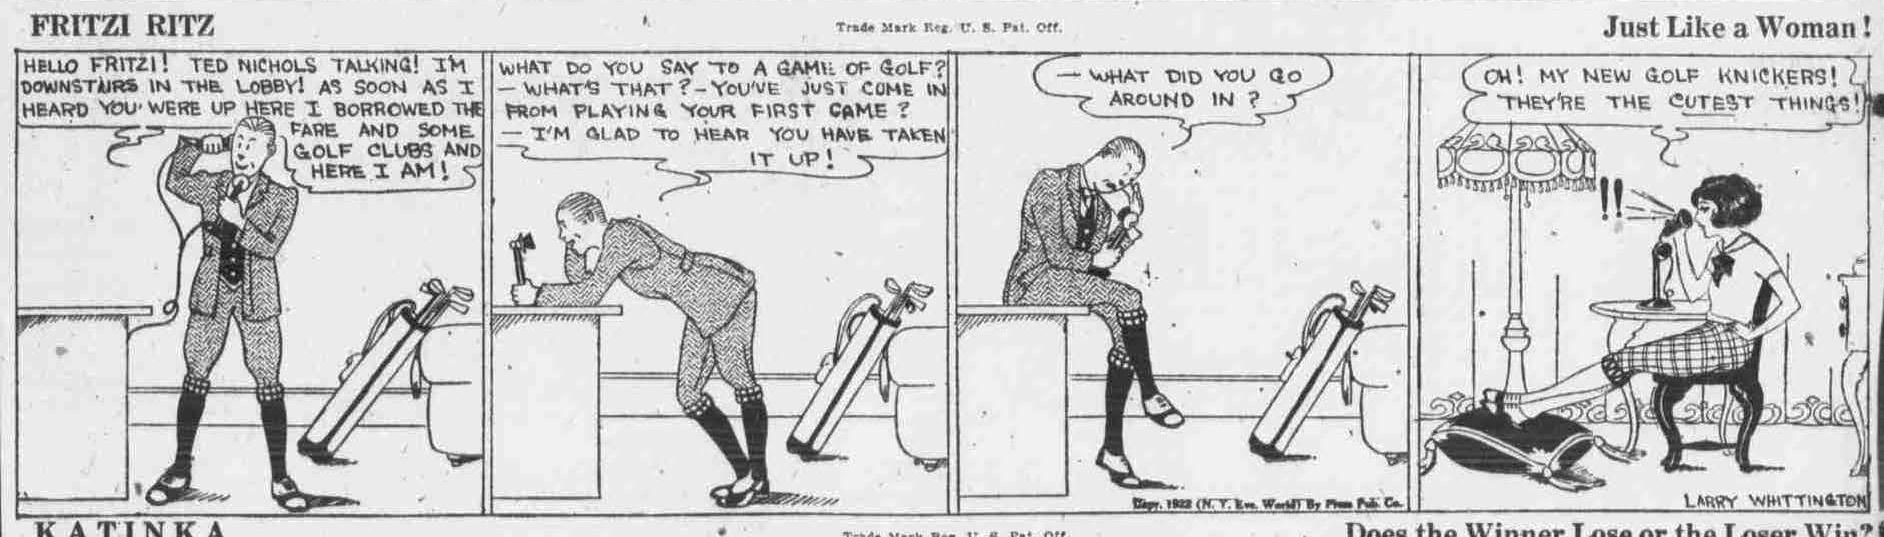 Oct. 11, 1922